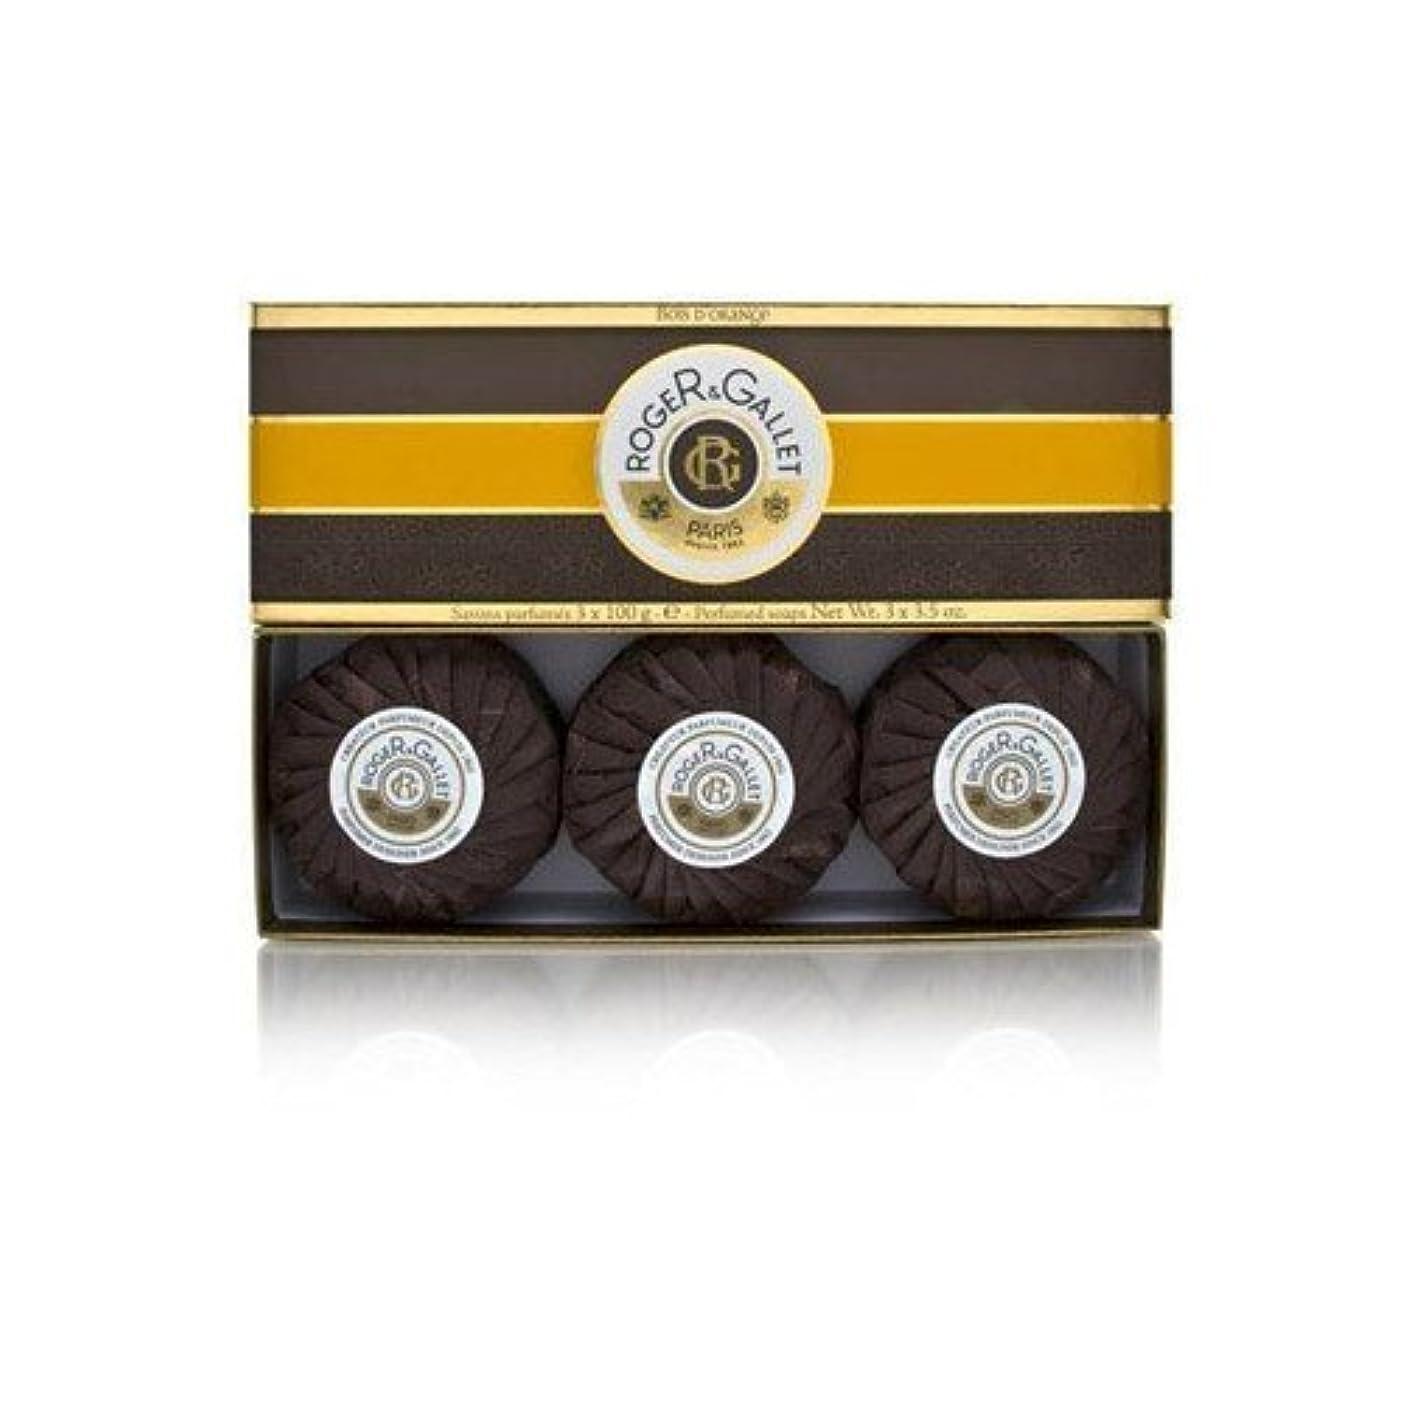 合意差別する太鼓腹ロジェガレ ボワ ドランジュ (オレンジツリー) 香水石鹸3個セット ROGER&GALLET BOIS D'ORANGE PERFUMED SOAP [0161]